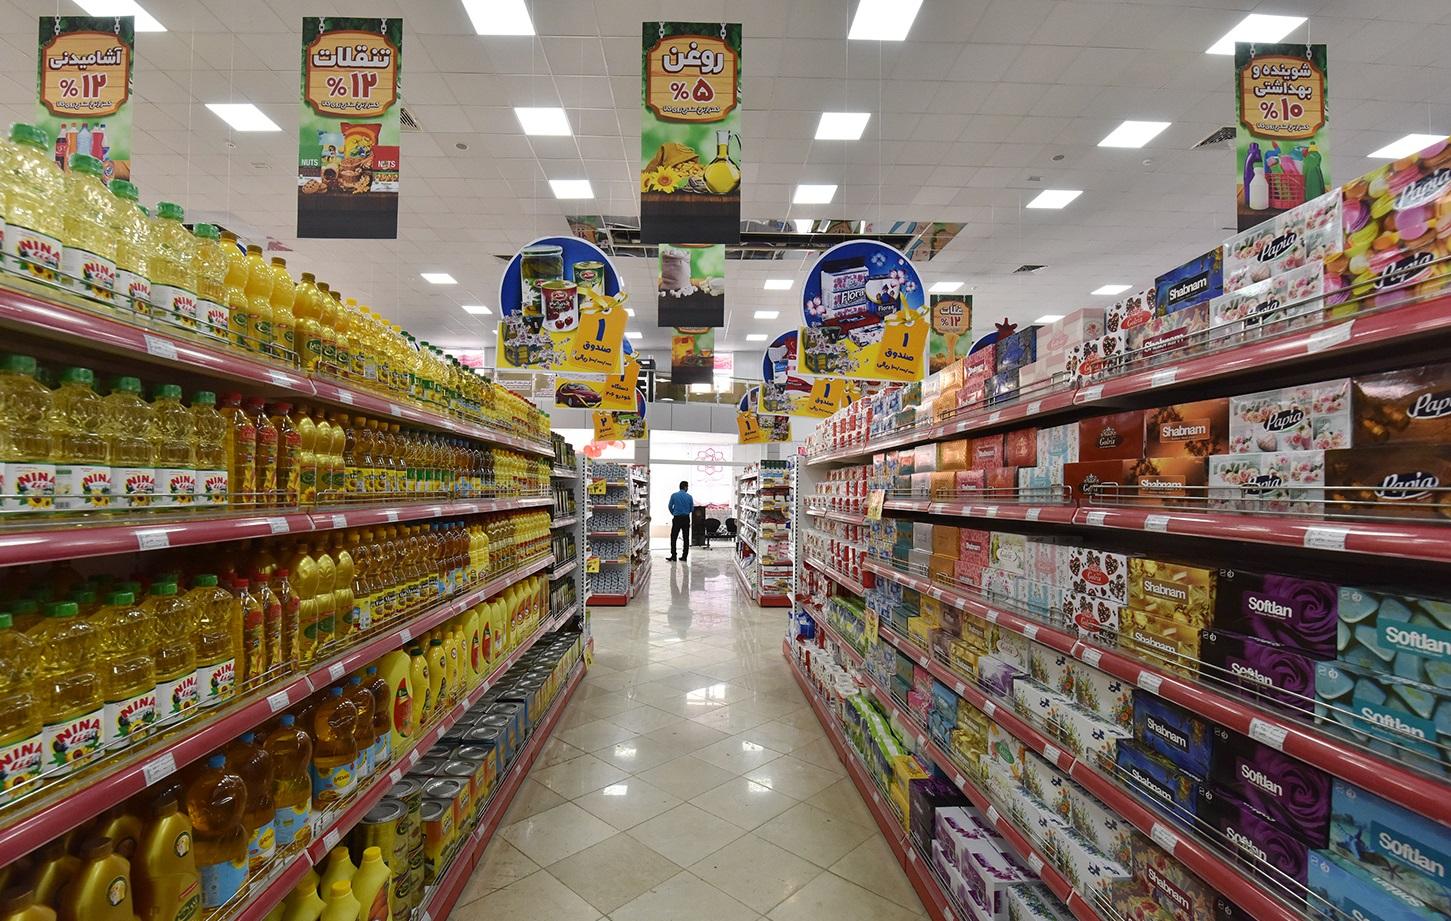 عرضه کالاهای اساسی در فروشگاههای زنجیرهای استان با قیمت مصوب